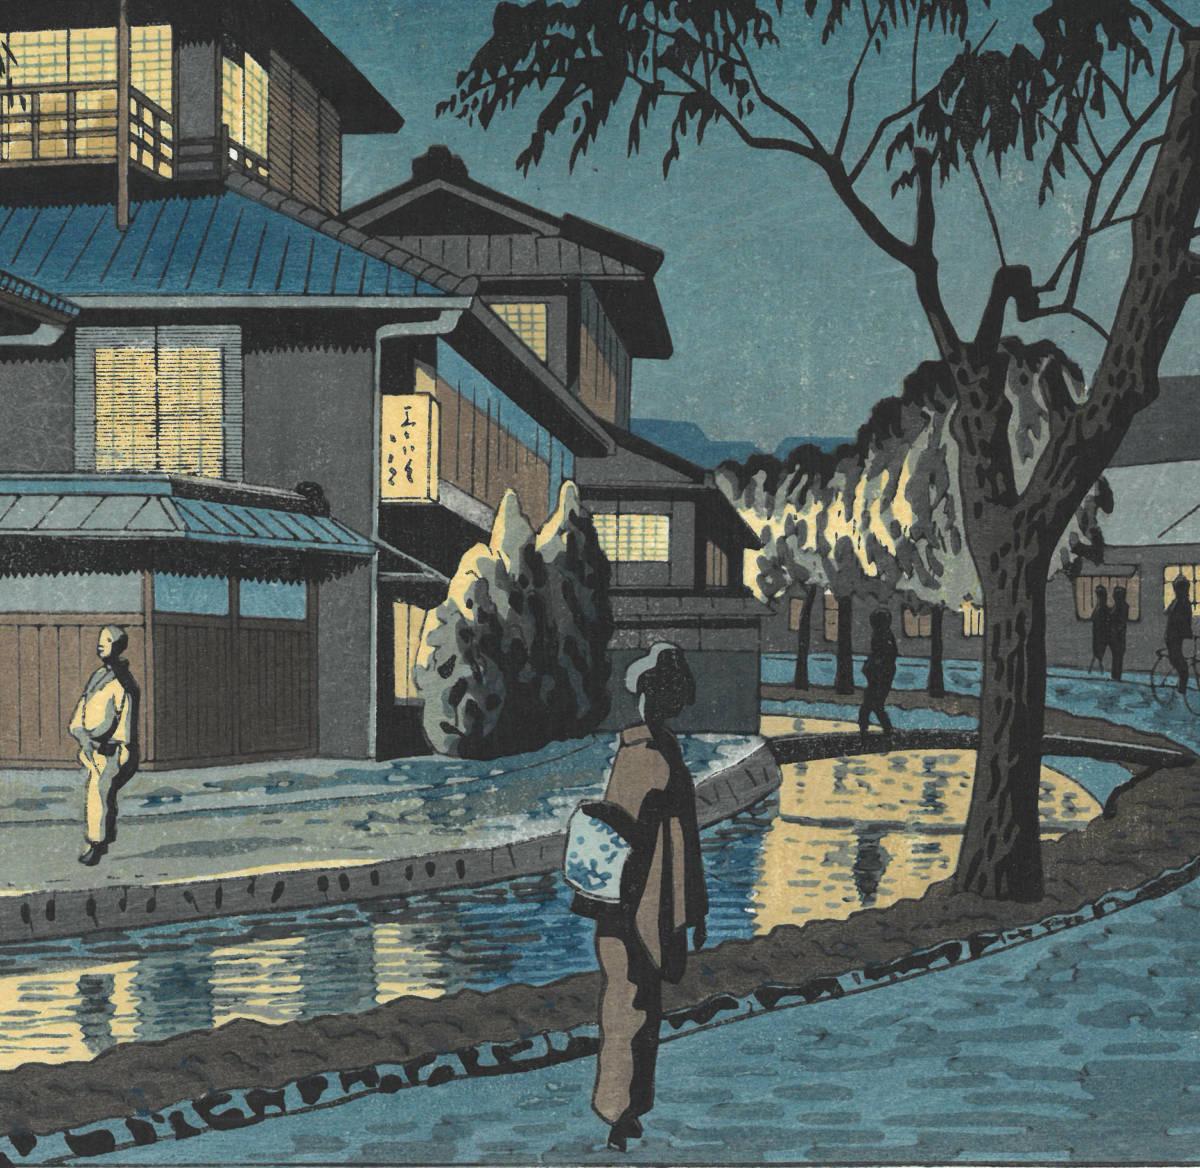 浅野竹二 (Asano Takeji) 木版画 TA18 木屋町 新版画 初版昭和20年頃 京都の一流の摺師の技をご堪能下さい!!_画像10